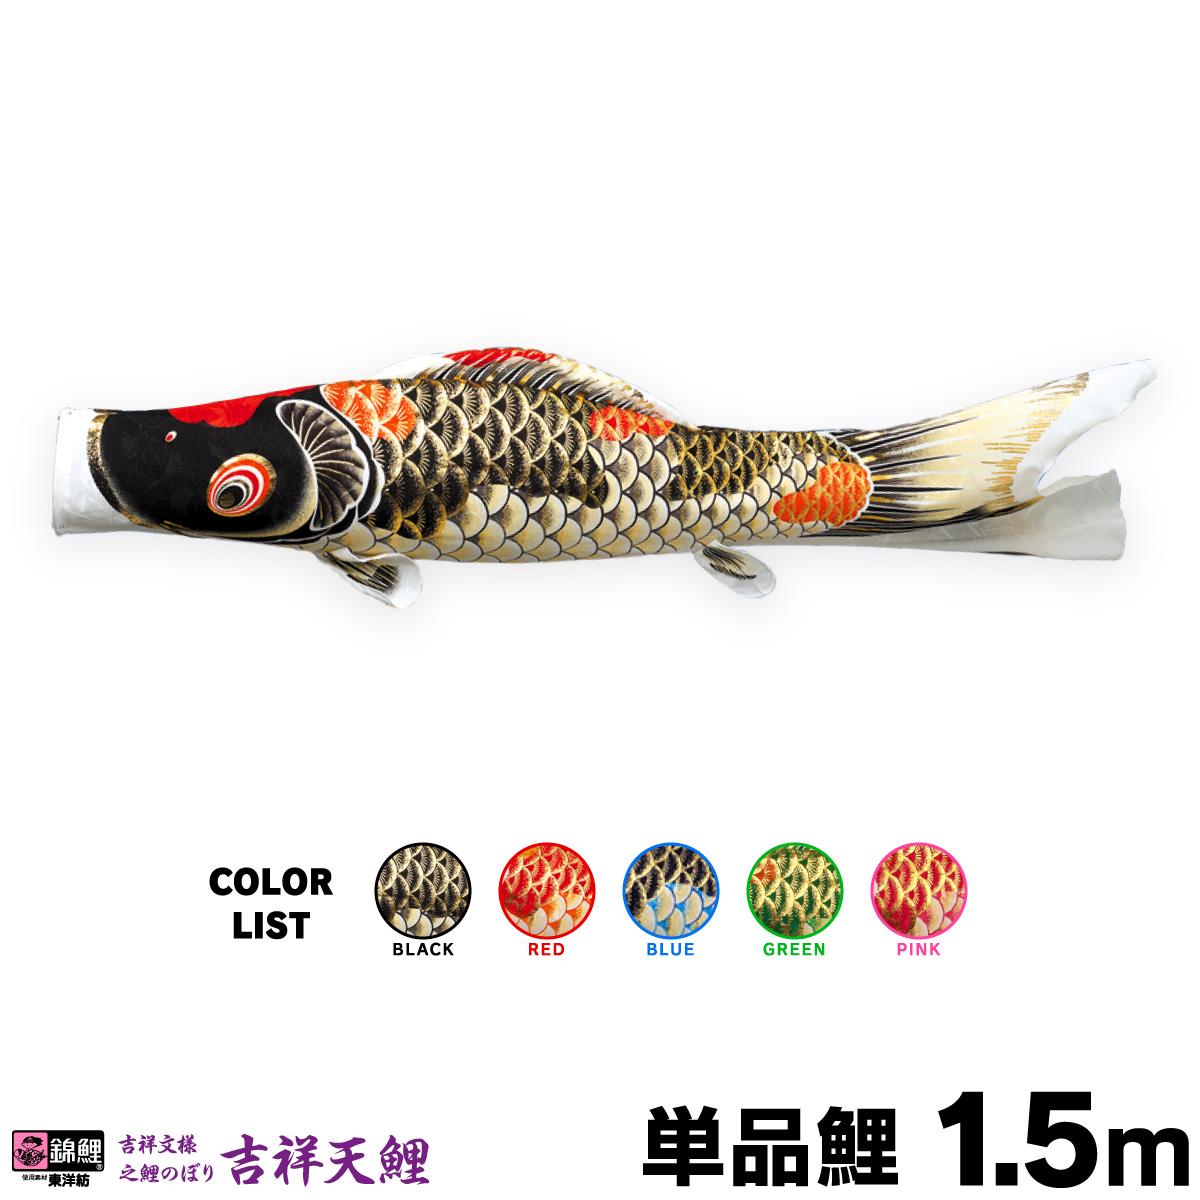 【こいのぼり 単品】 吉祥天 1.5m 単品鯉